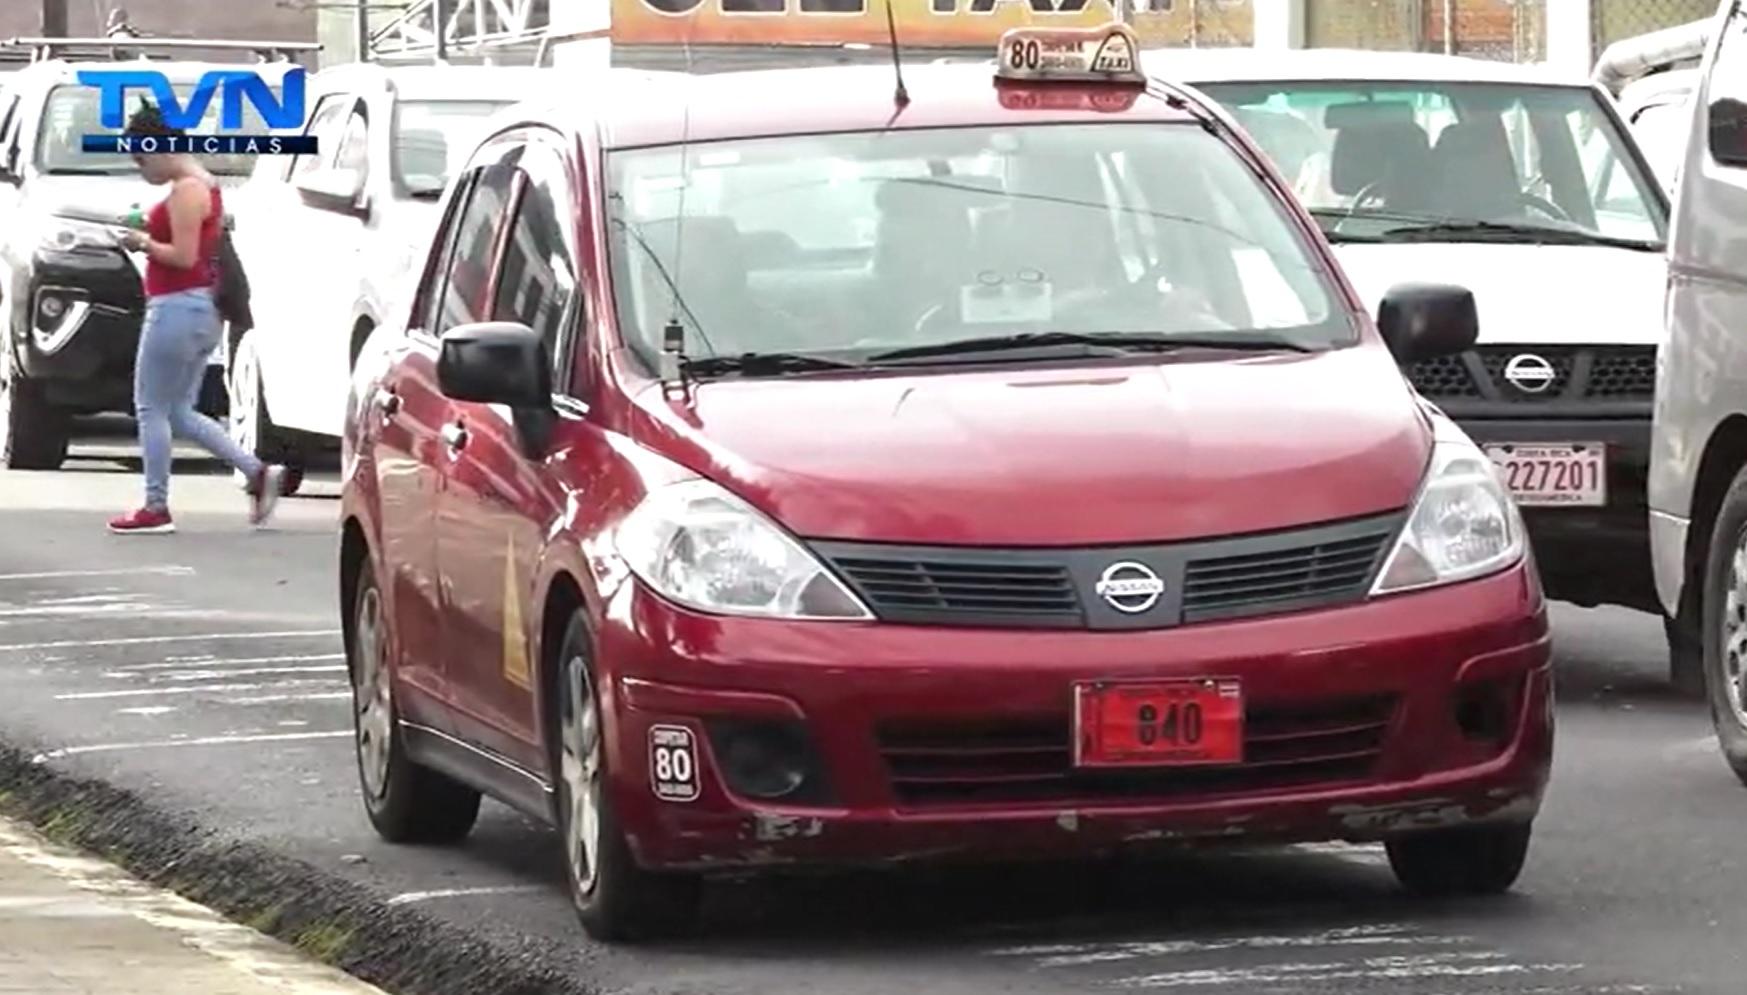 Los taxistas de la zona norte podrían unirse al paro nacional